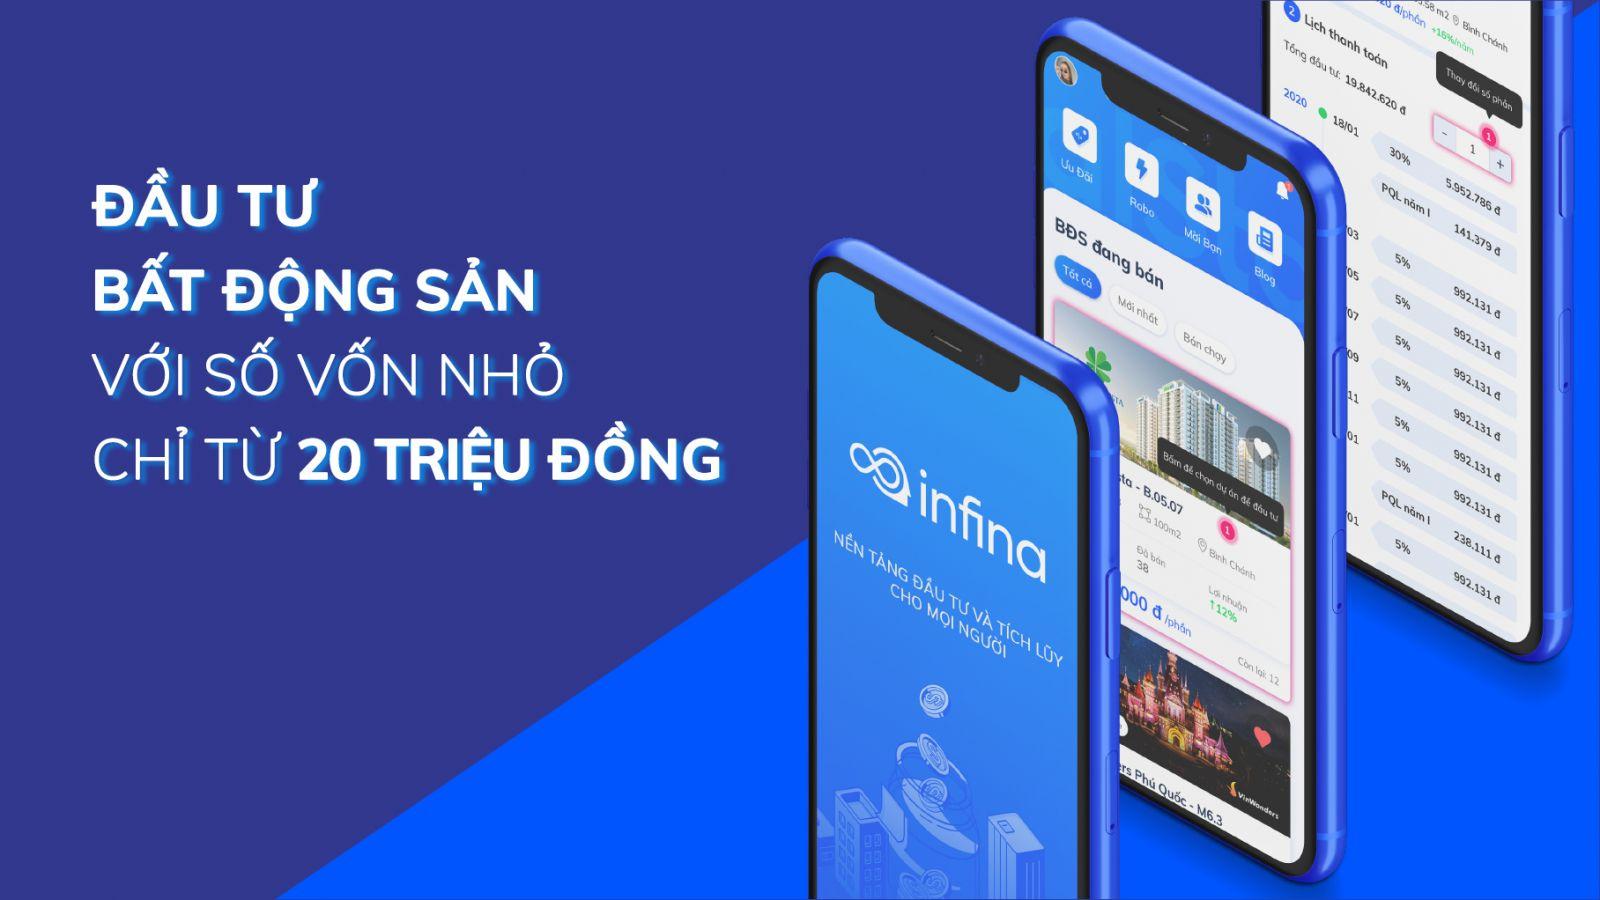 Cơ hội và thách thức khi kinh doanh bất động sản công nghệ tại Việt Nam